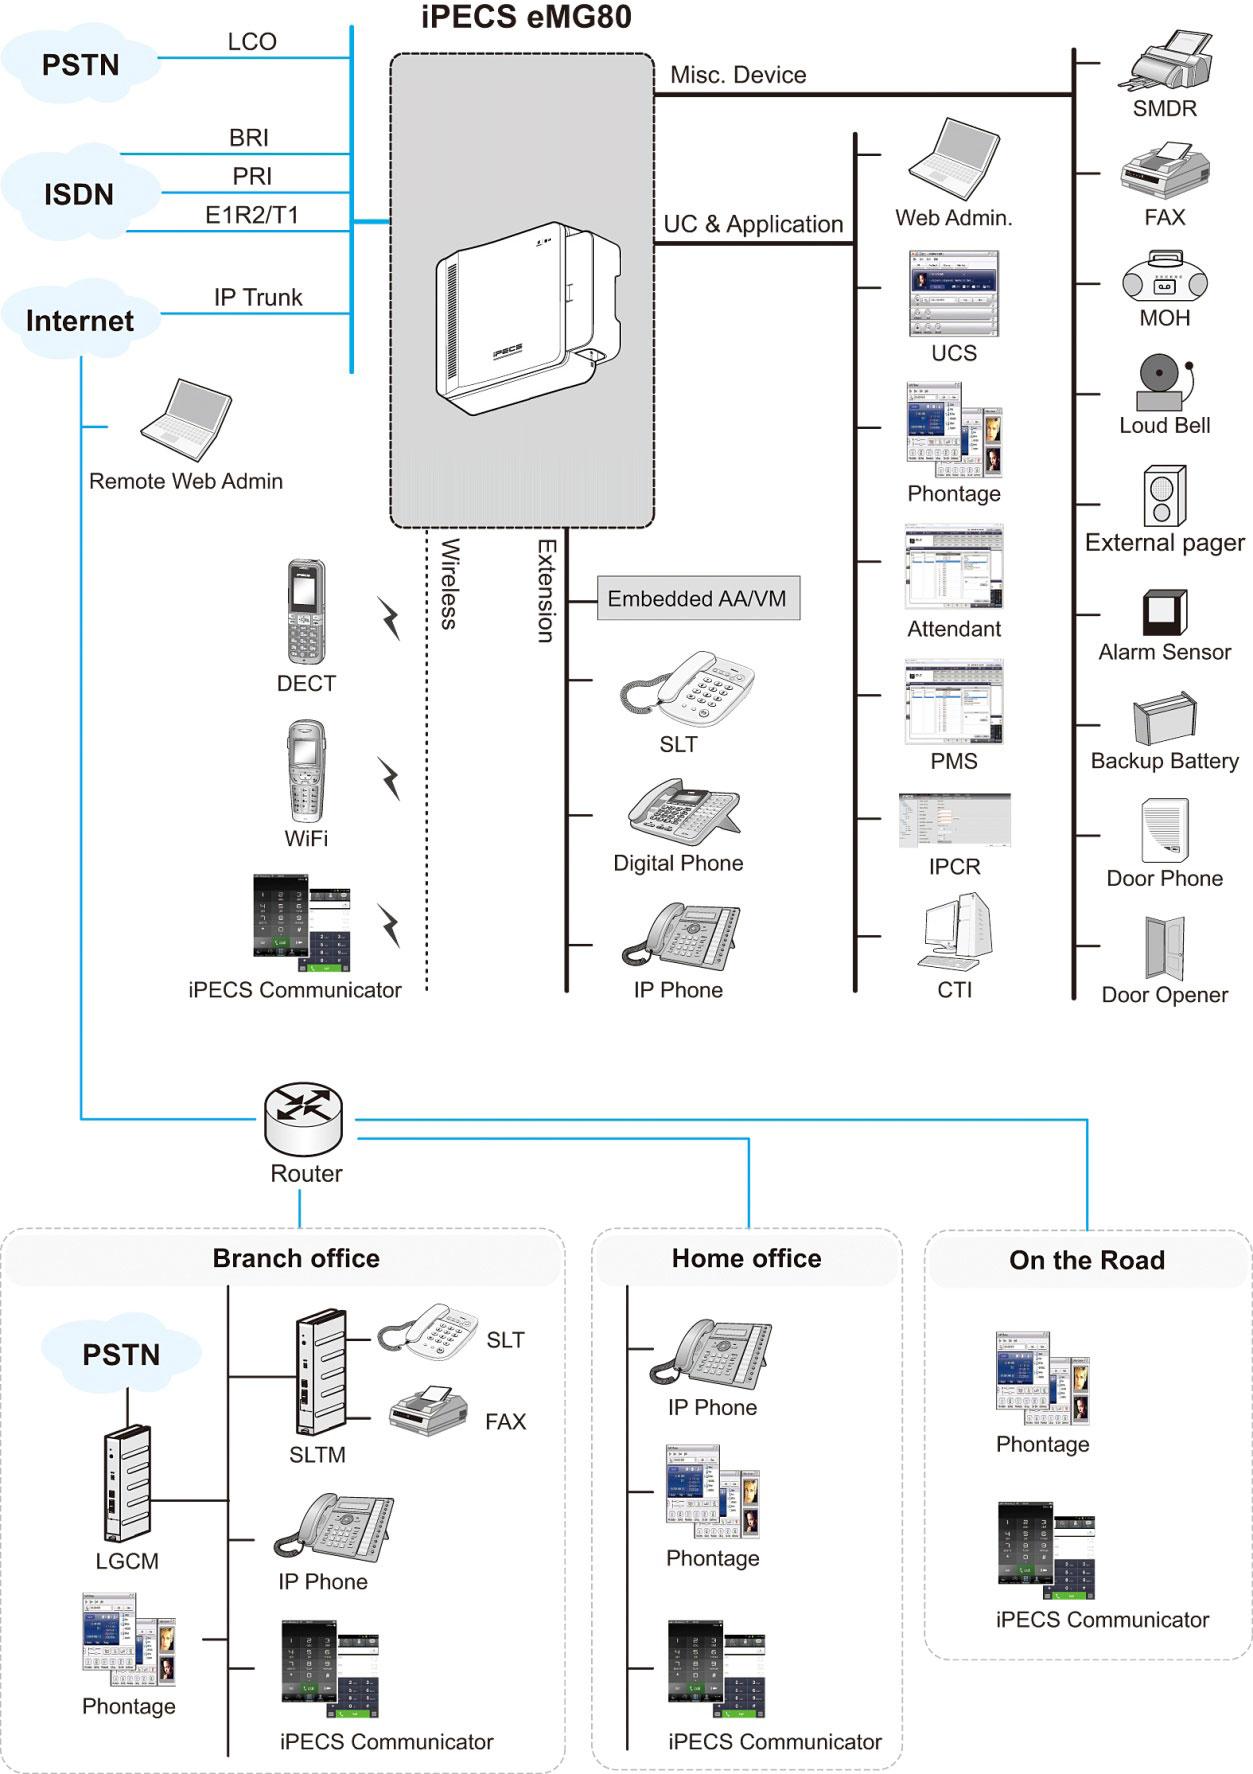 emg80 skiss iPECS eMG80   новая станция от Ericsson LG Enterprise